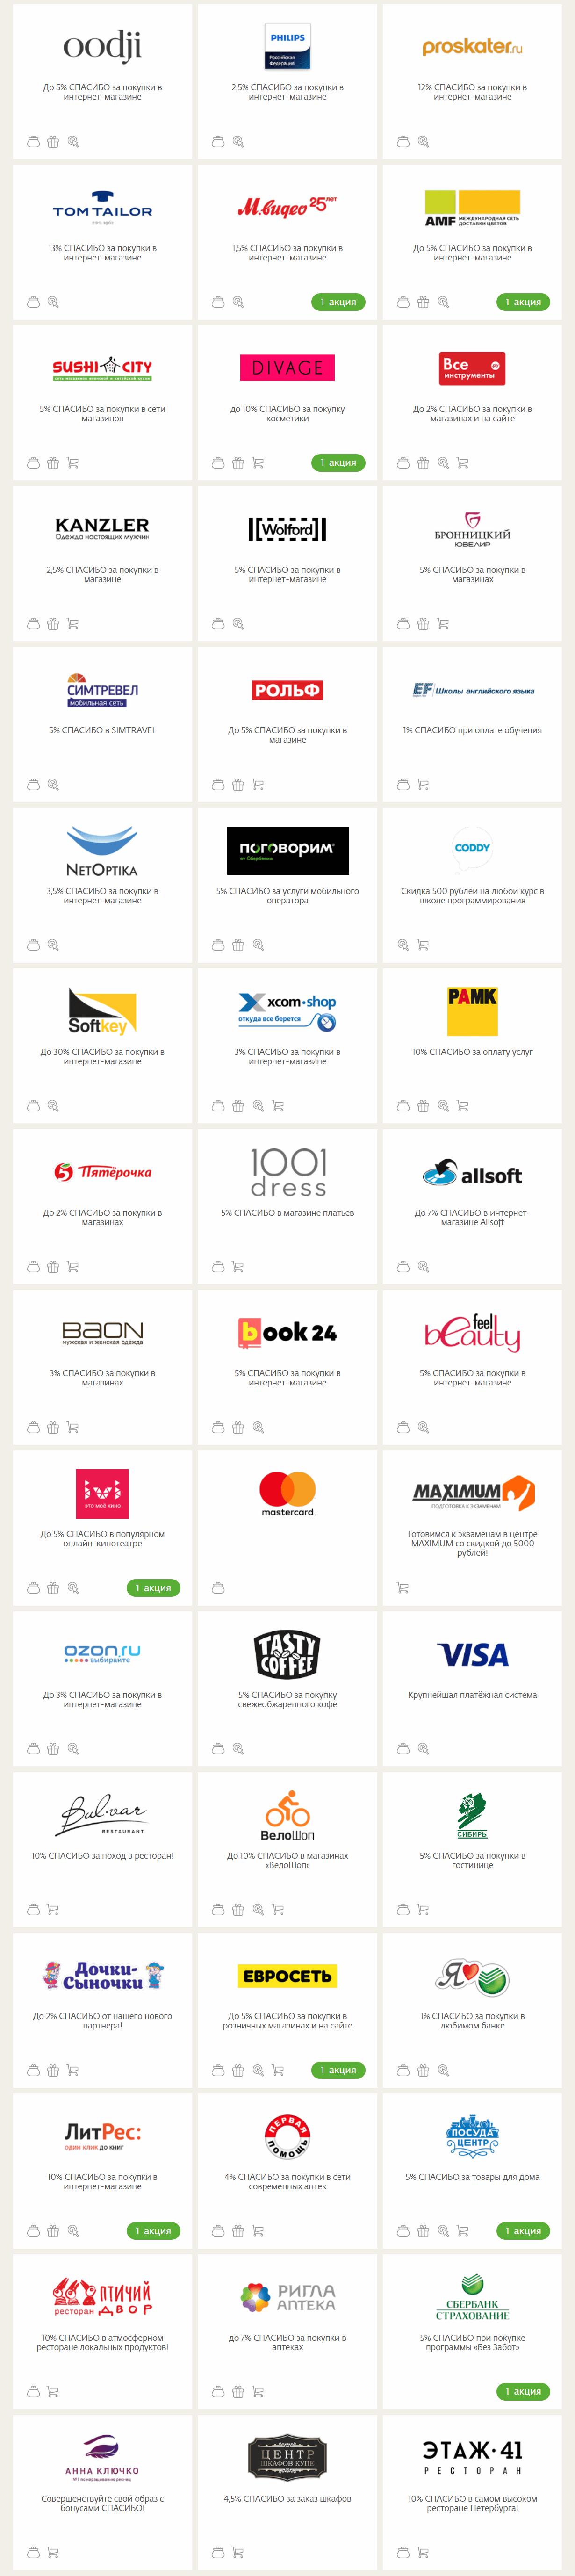 79d57ff6ebd88 Список магазинов, которые принимают бонусы Спасибо от Сбербанка - 2 часть